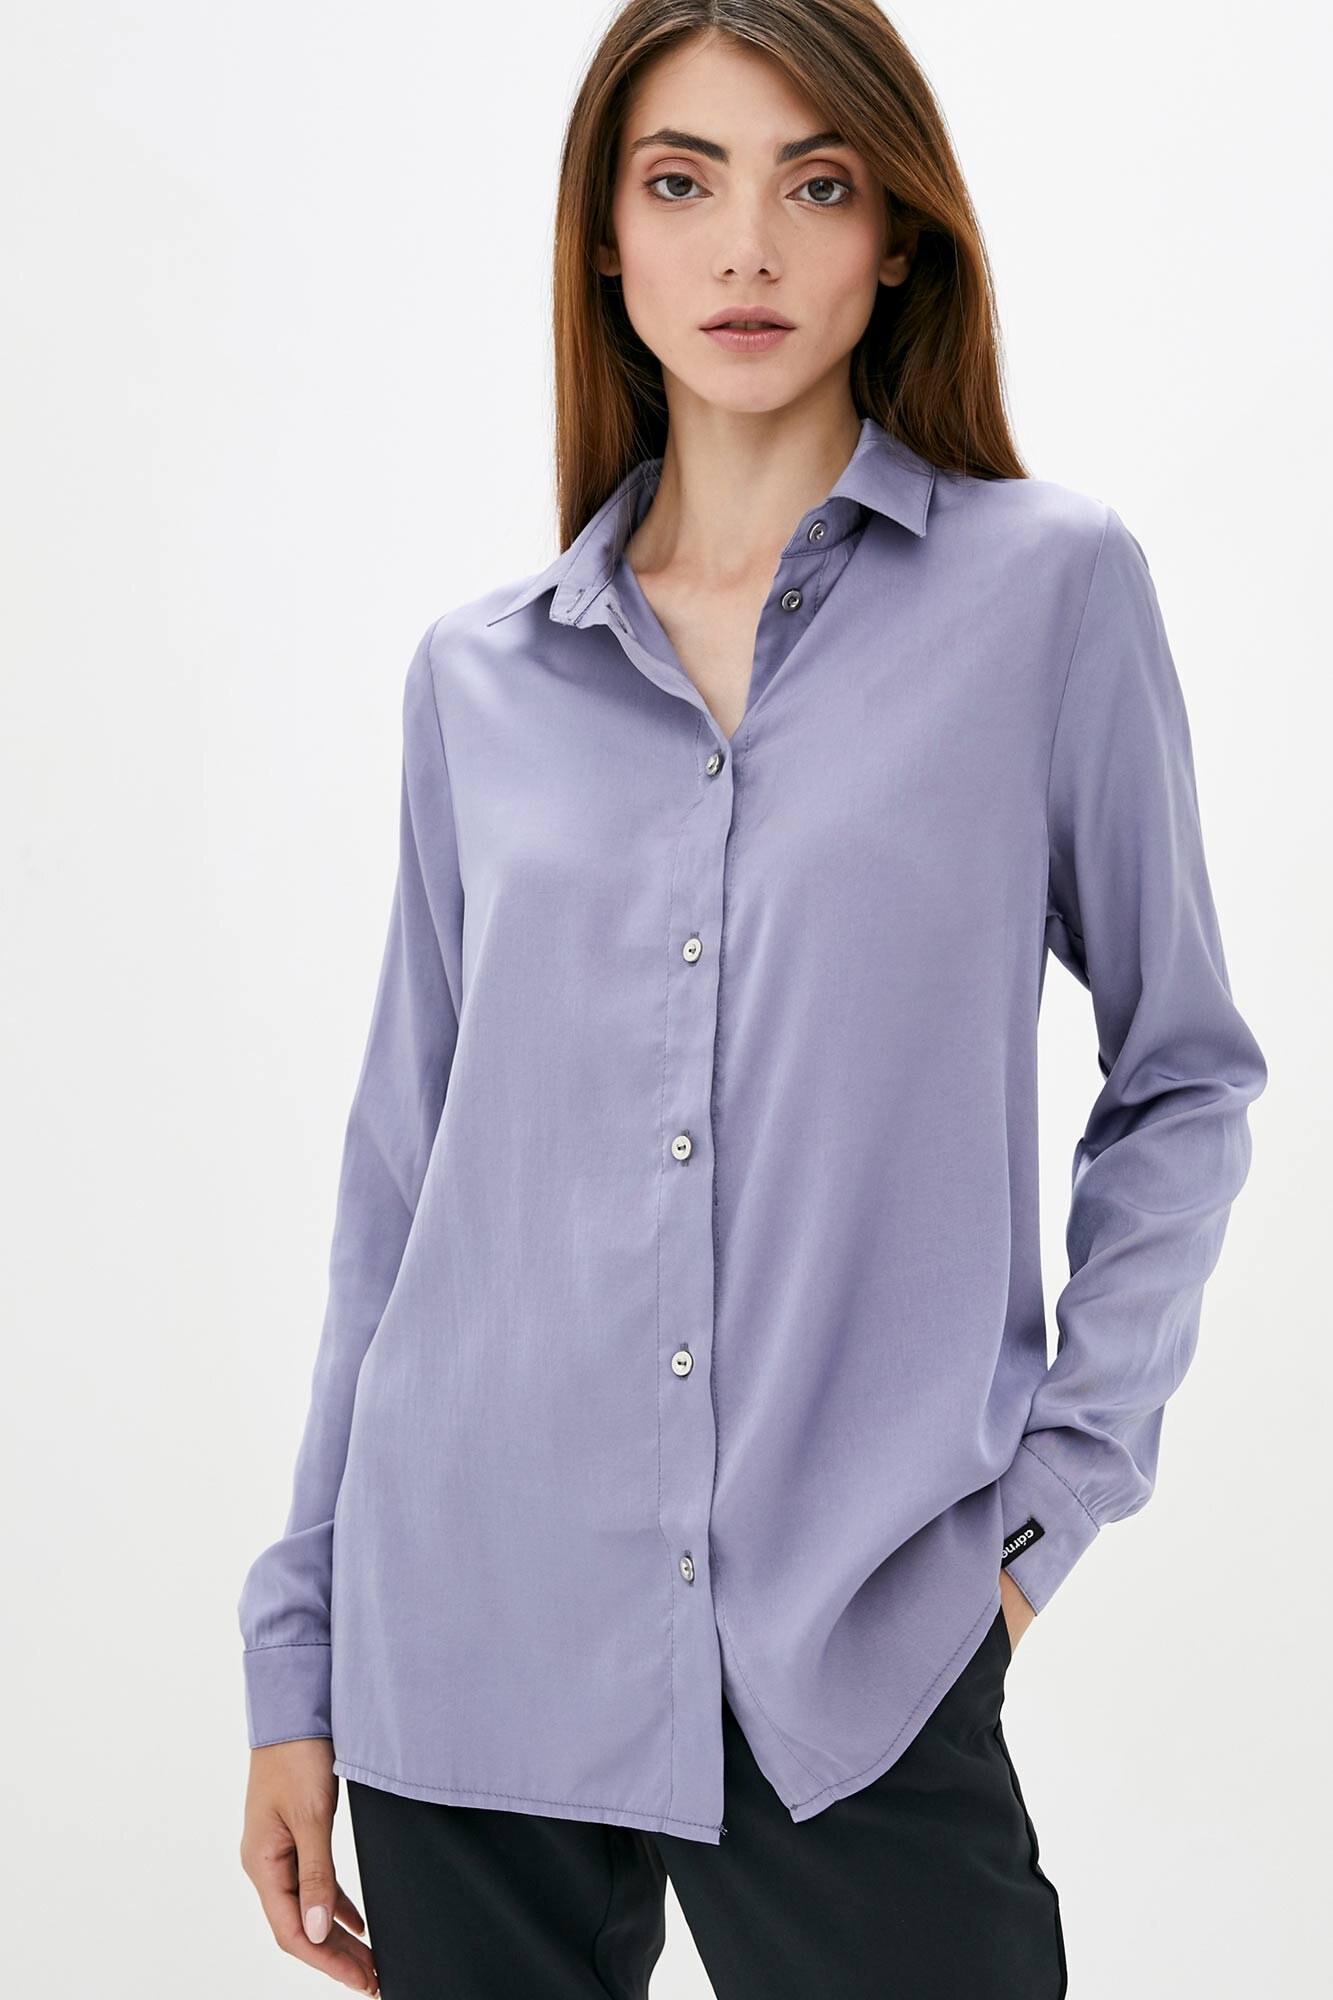 Тонкая оверсайз рубашка фиолетового цвета с длинными рукавами